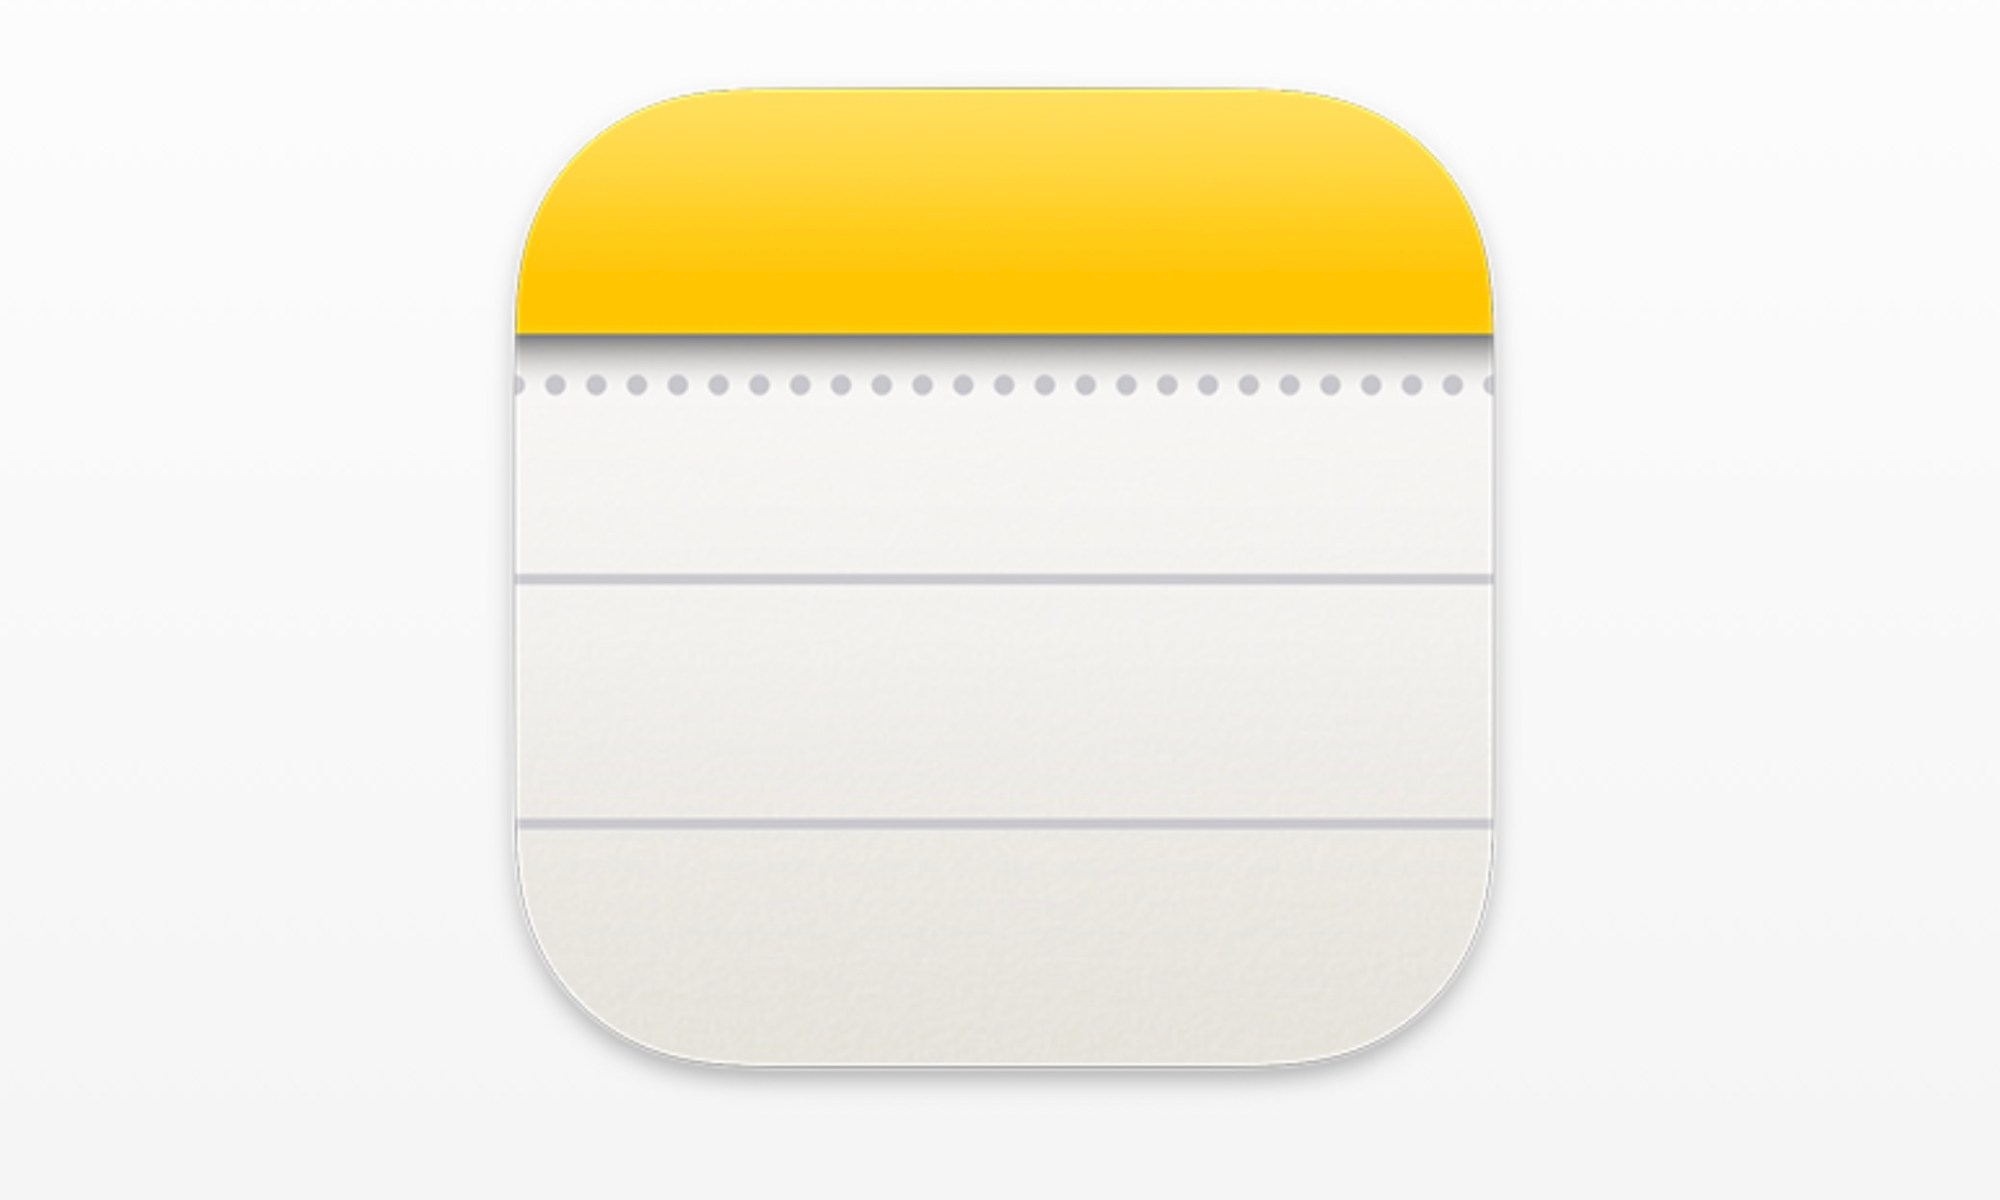 Cómo mostrar u ocultar la cantidad de notas en la app Notas de nuestro Mac